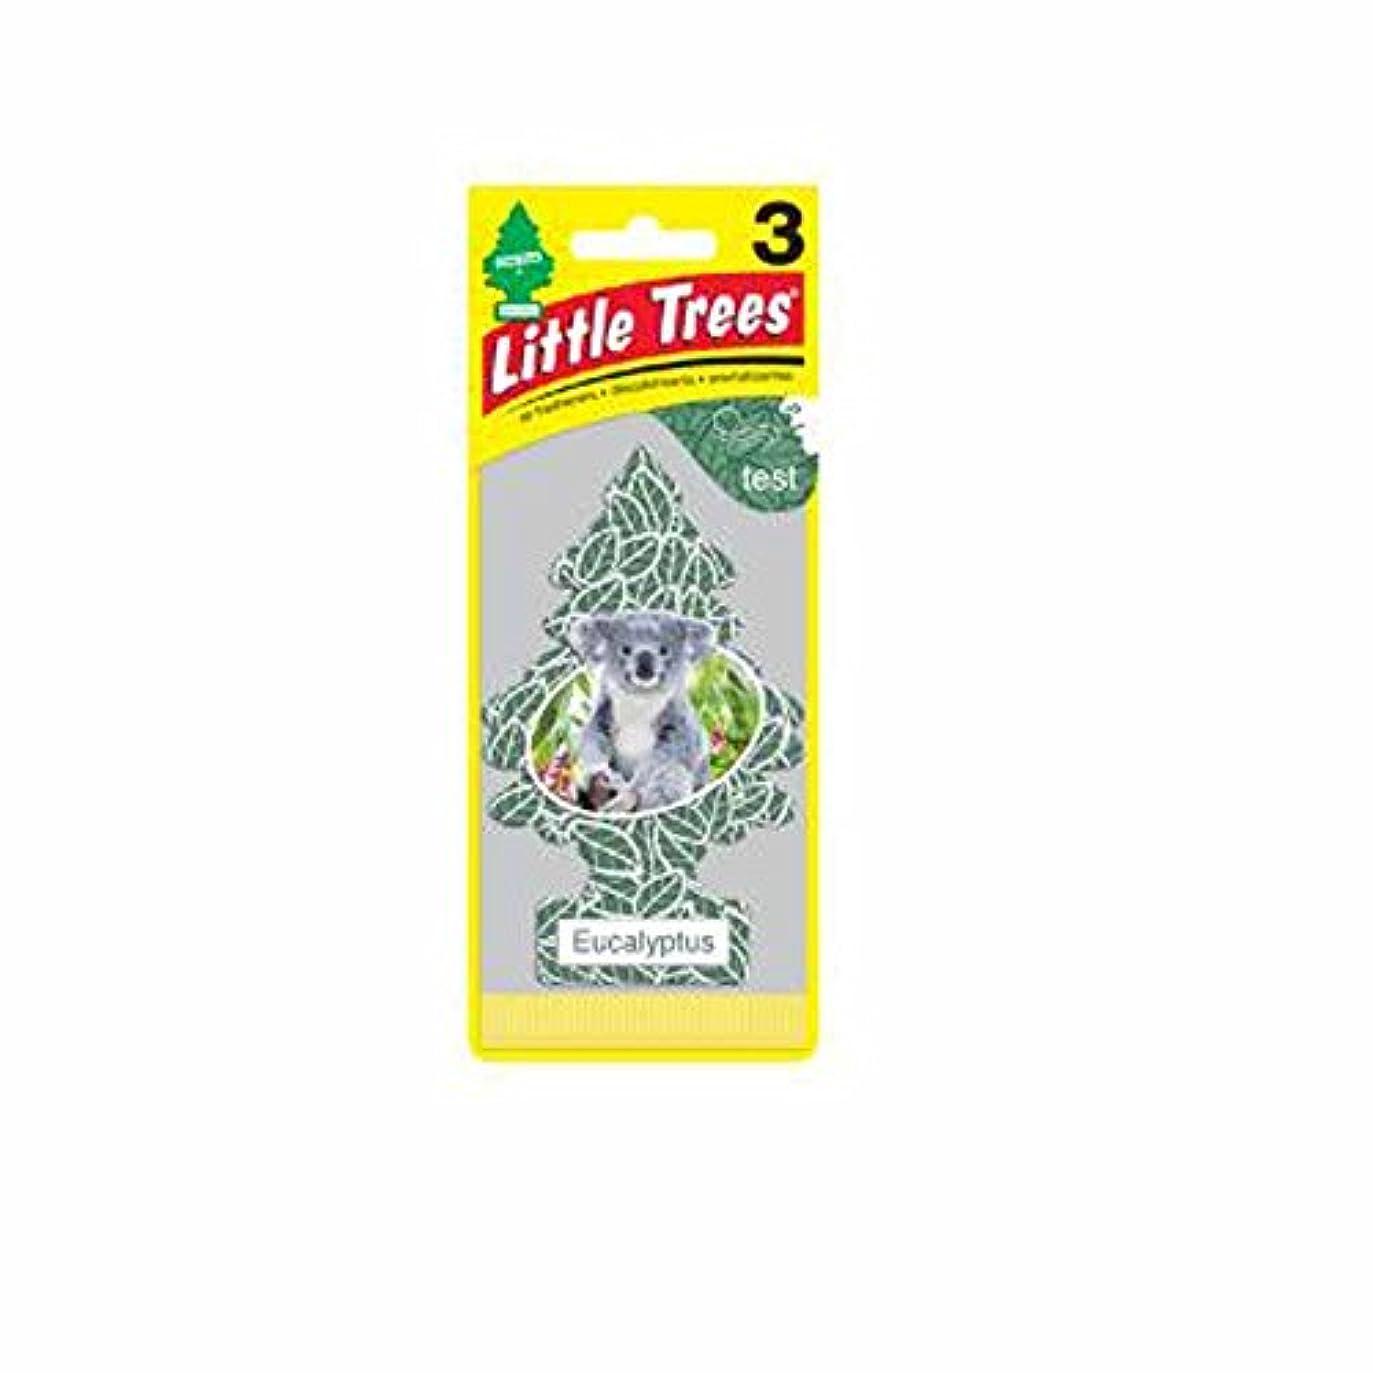 別に出血財団Little Trees 吊下げタイプ エアーフレッシュナー eucalyptus(ユーカリ) 3枚セット(3P) U3S-37365